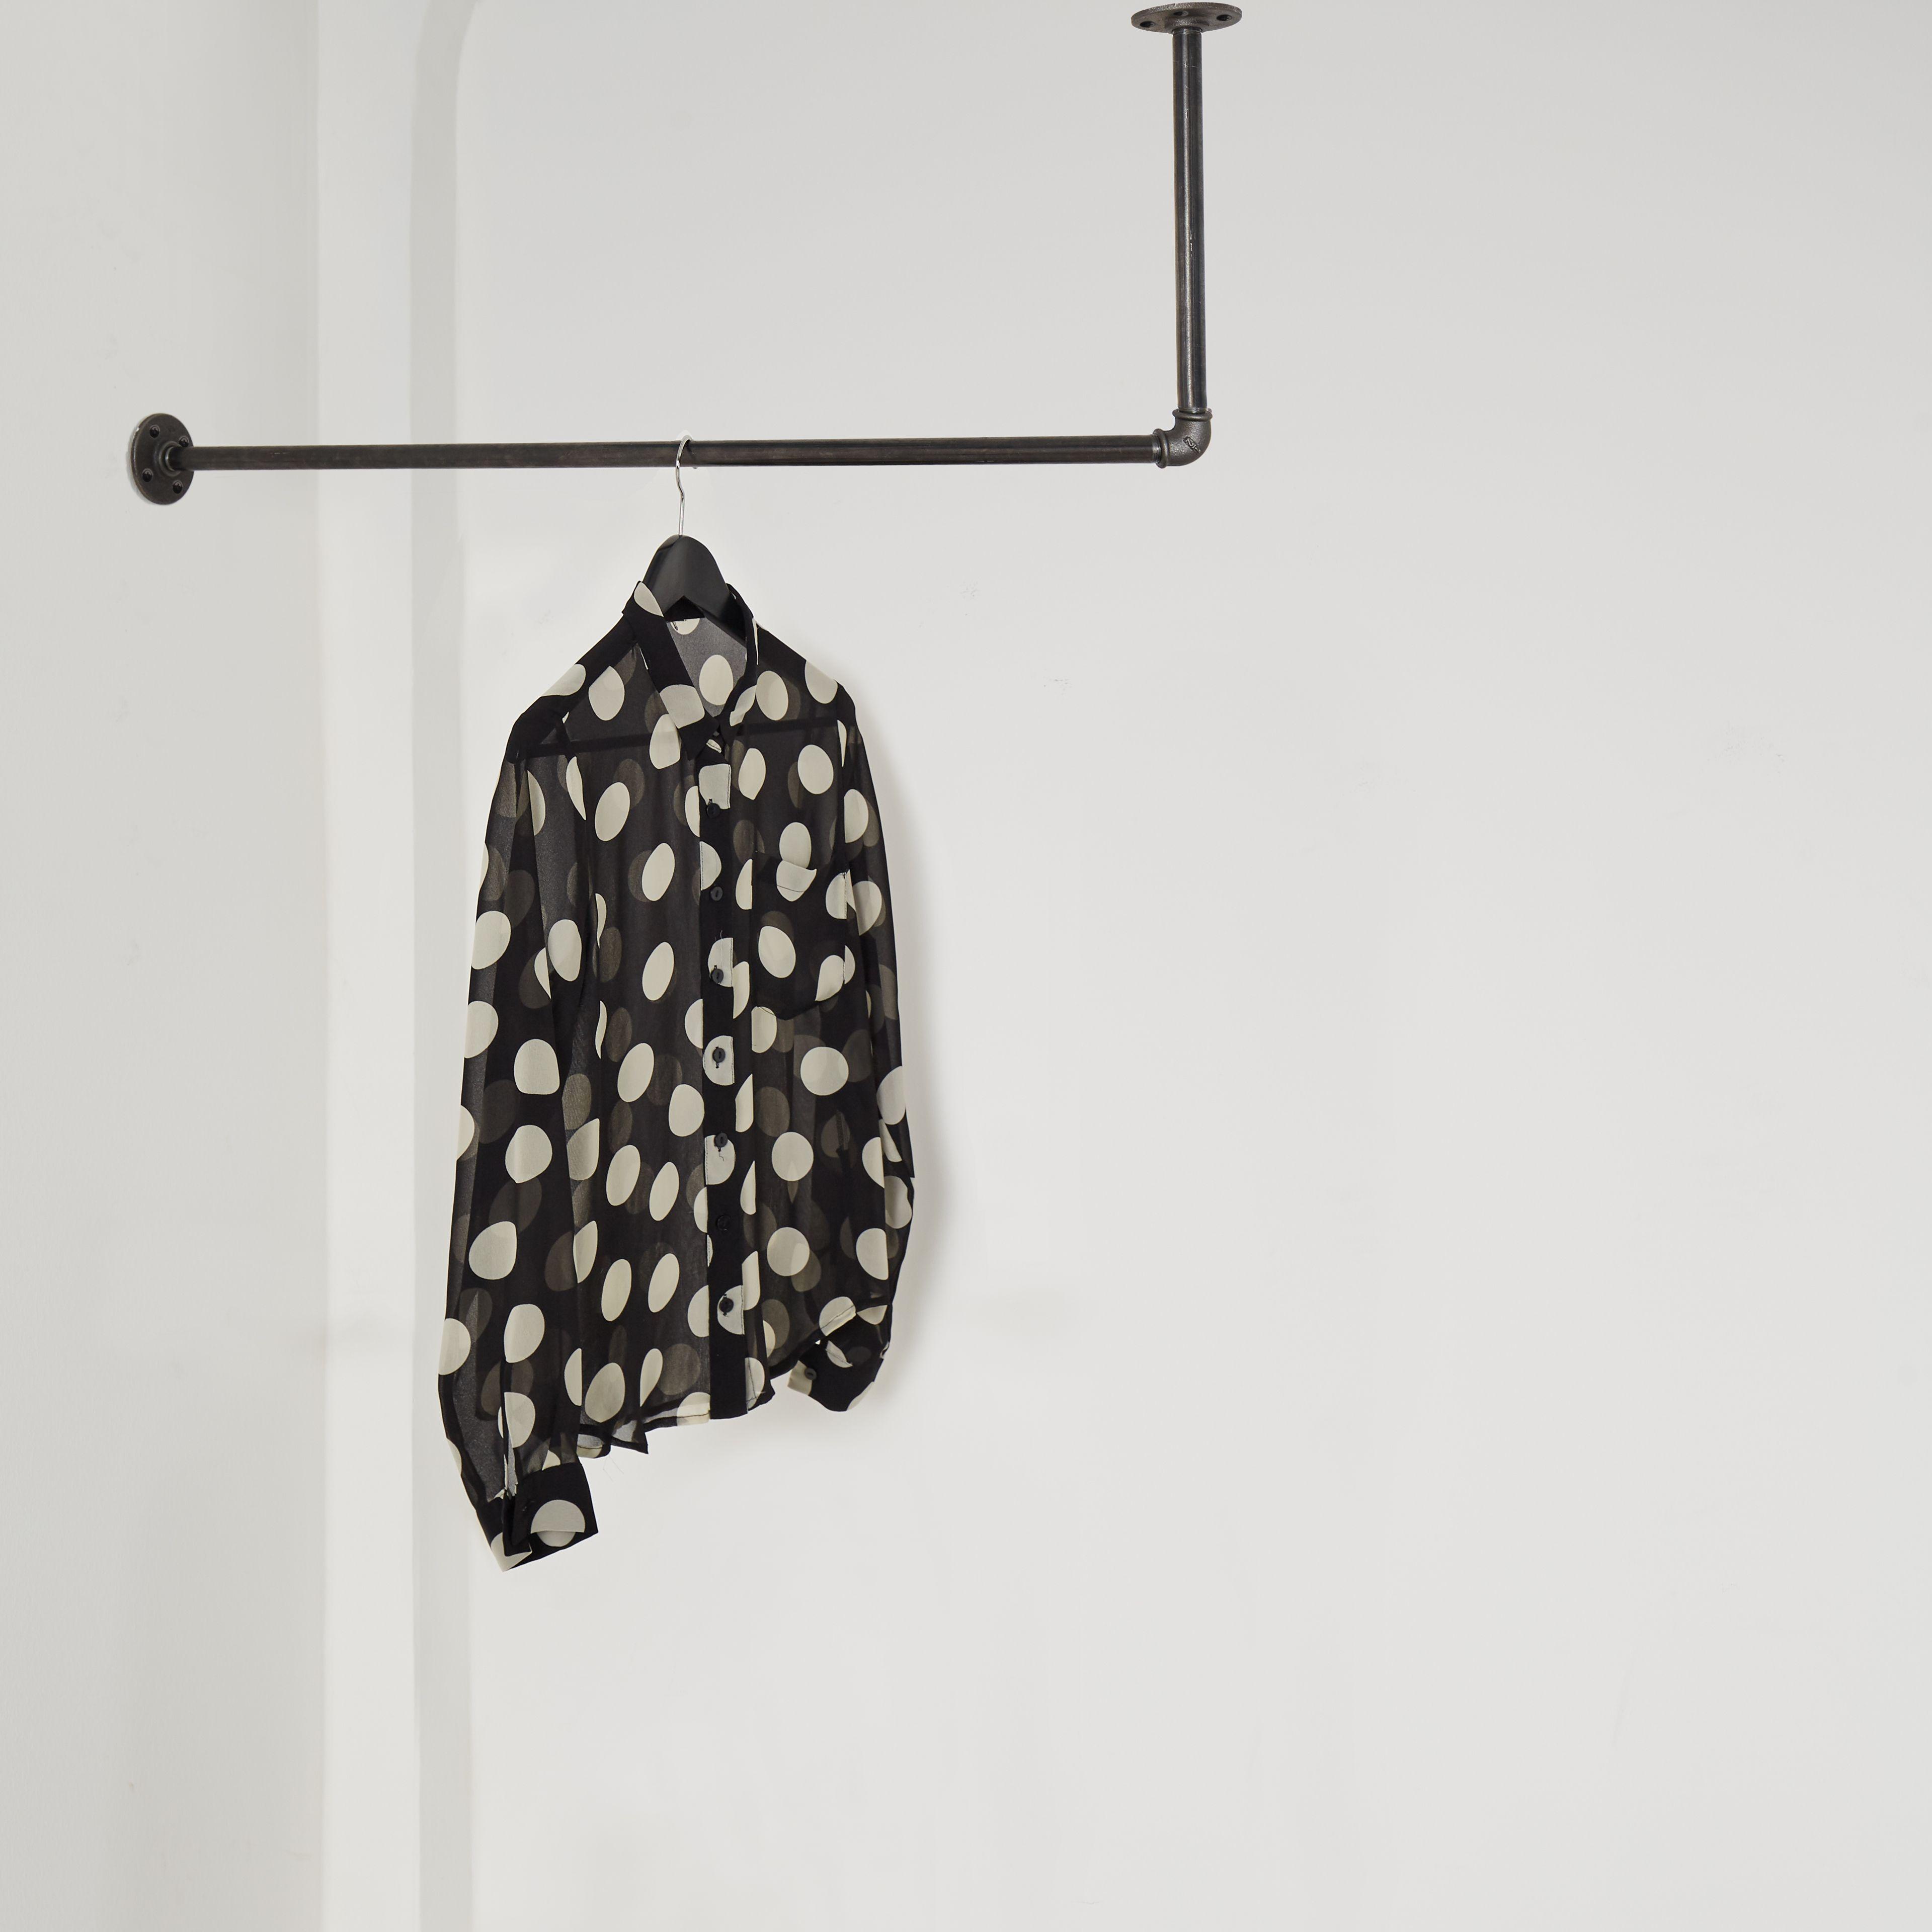 Garderobe Garderobenstange Industrial Industriedesign Lform